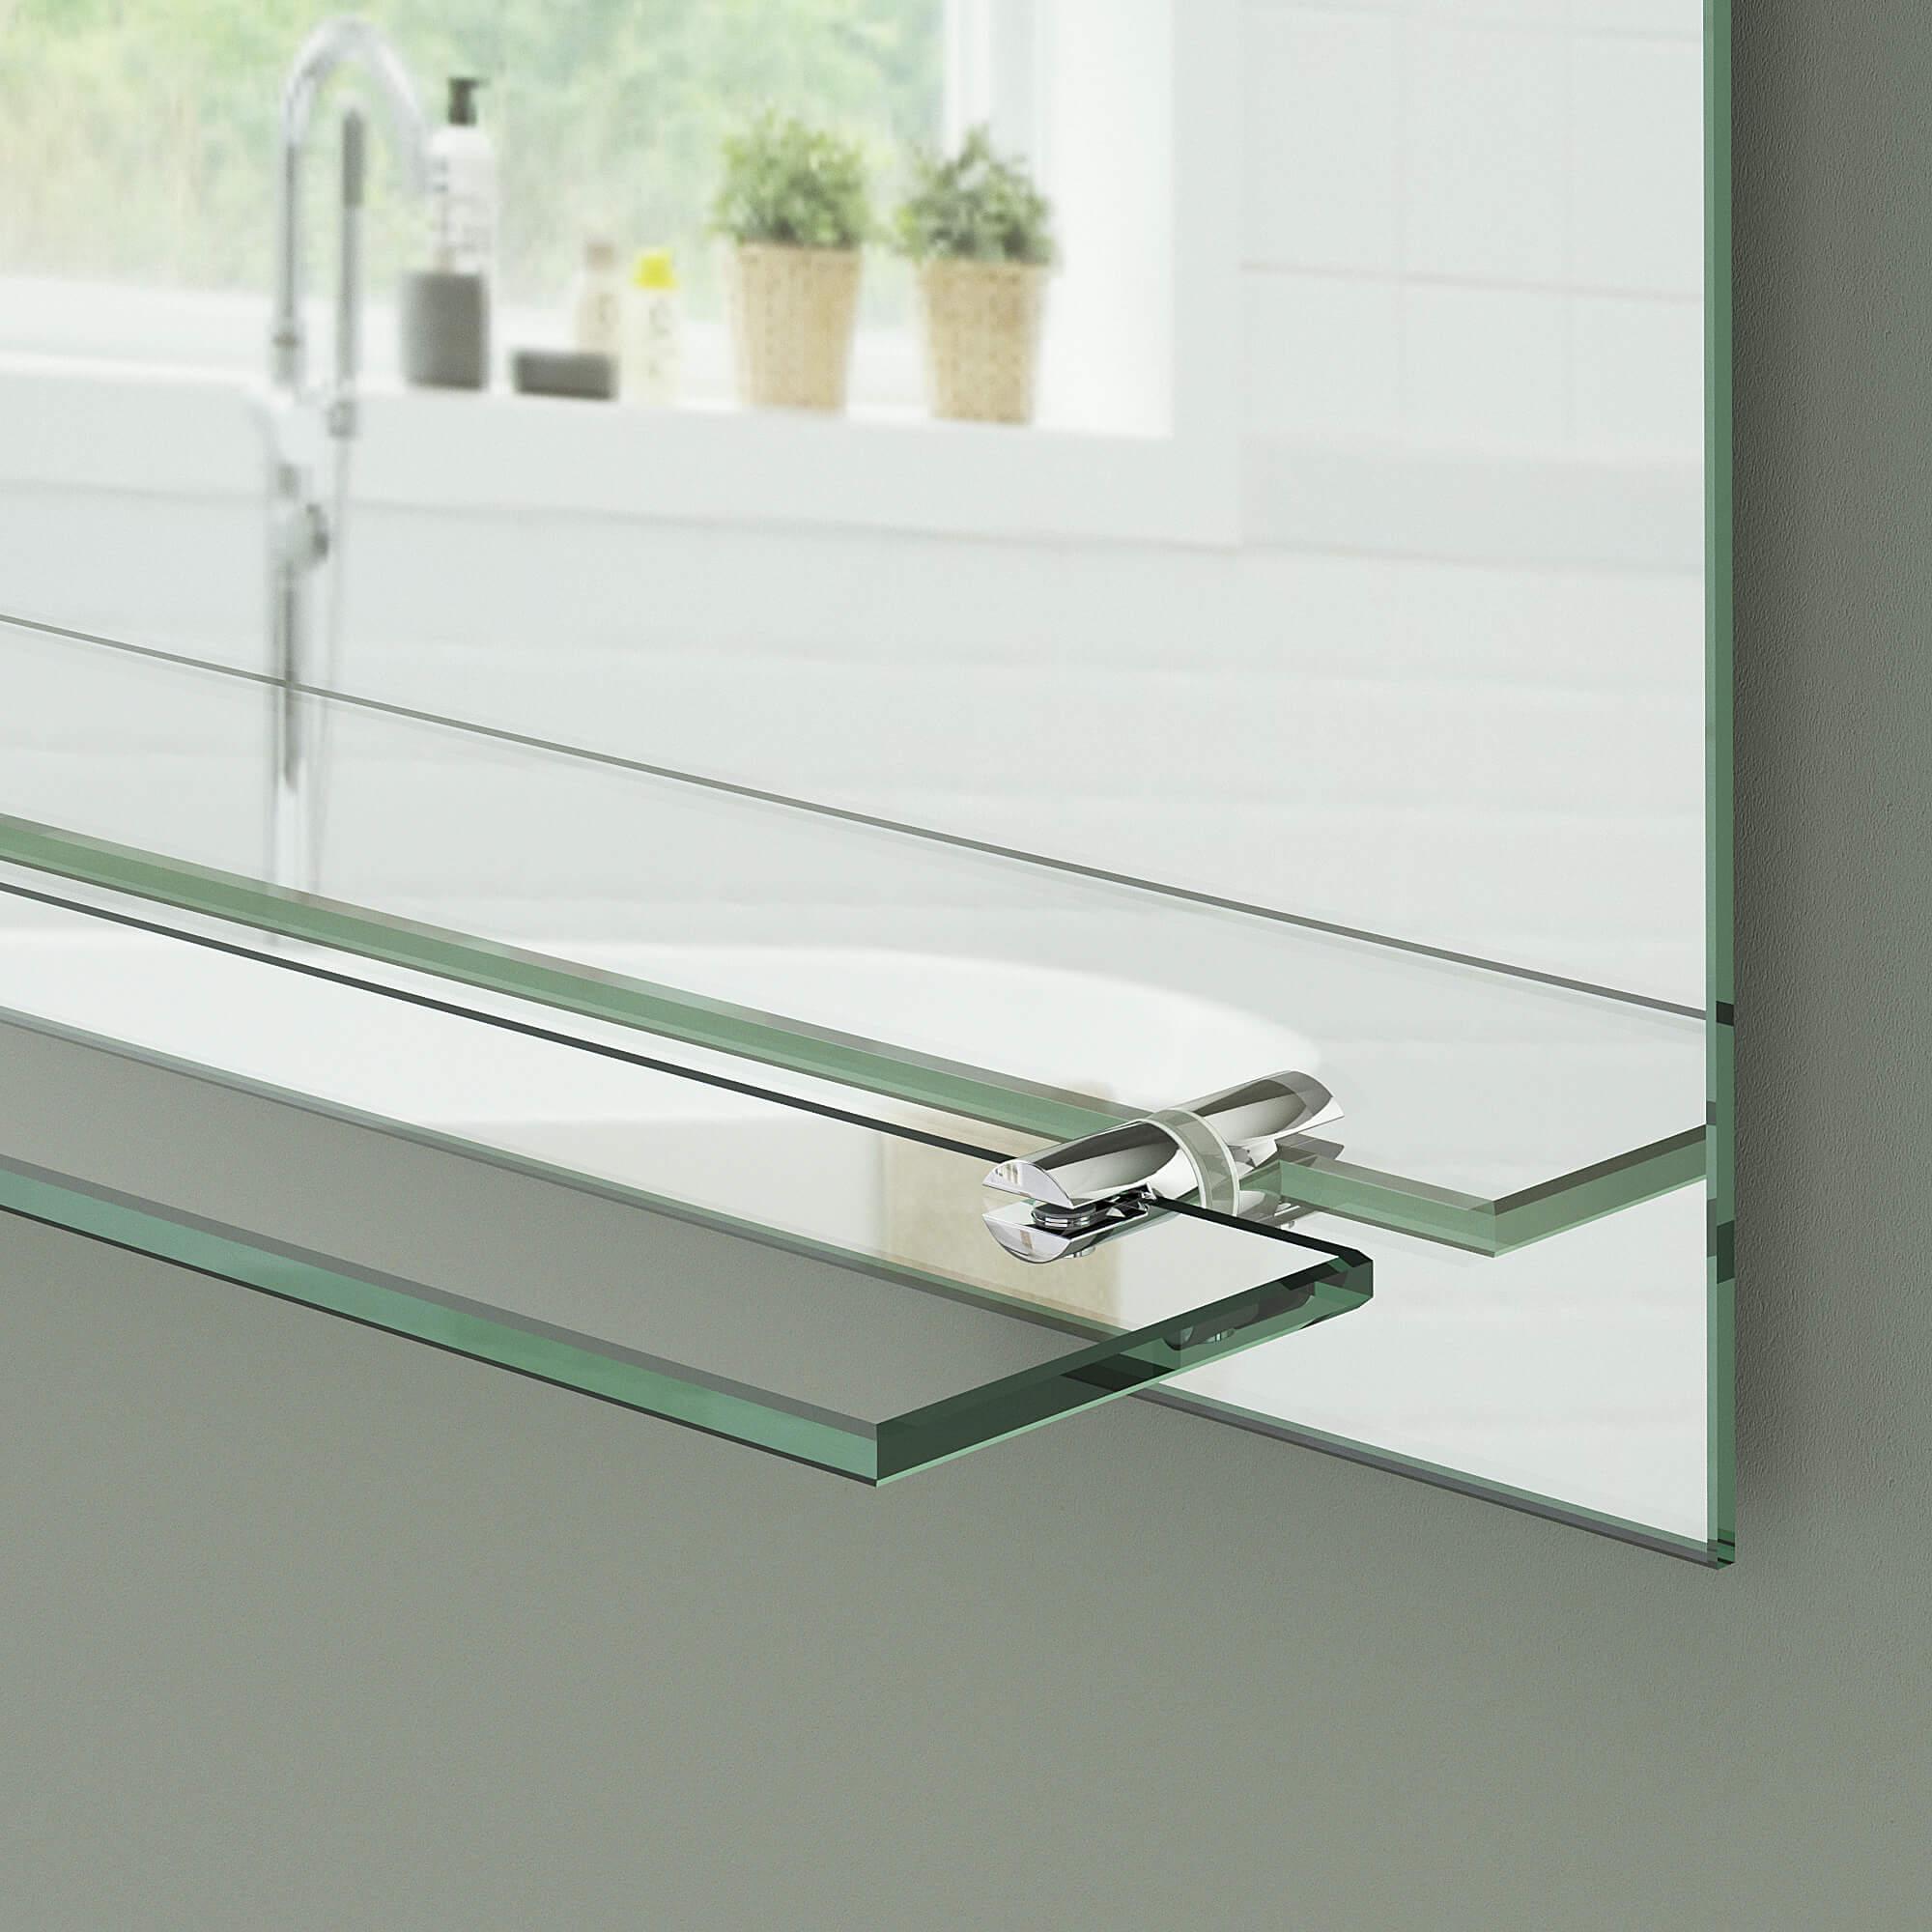 Super Badspiegel mit Ablage | Badezimmerspiegel mit Steckdose HW19